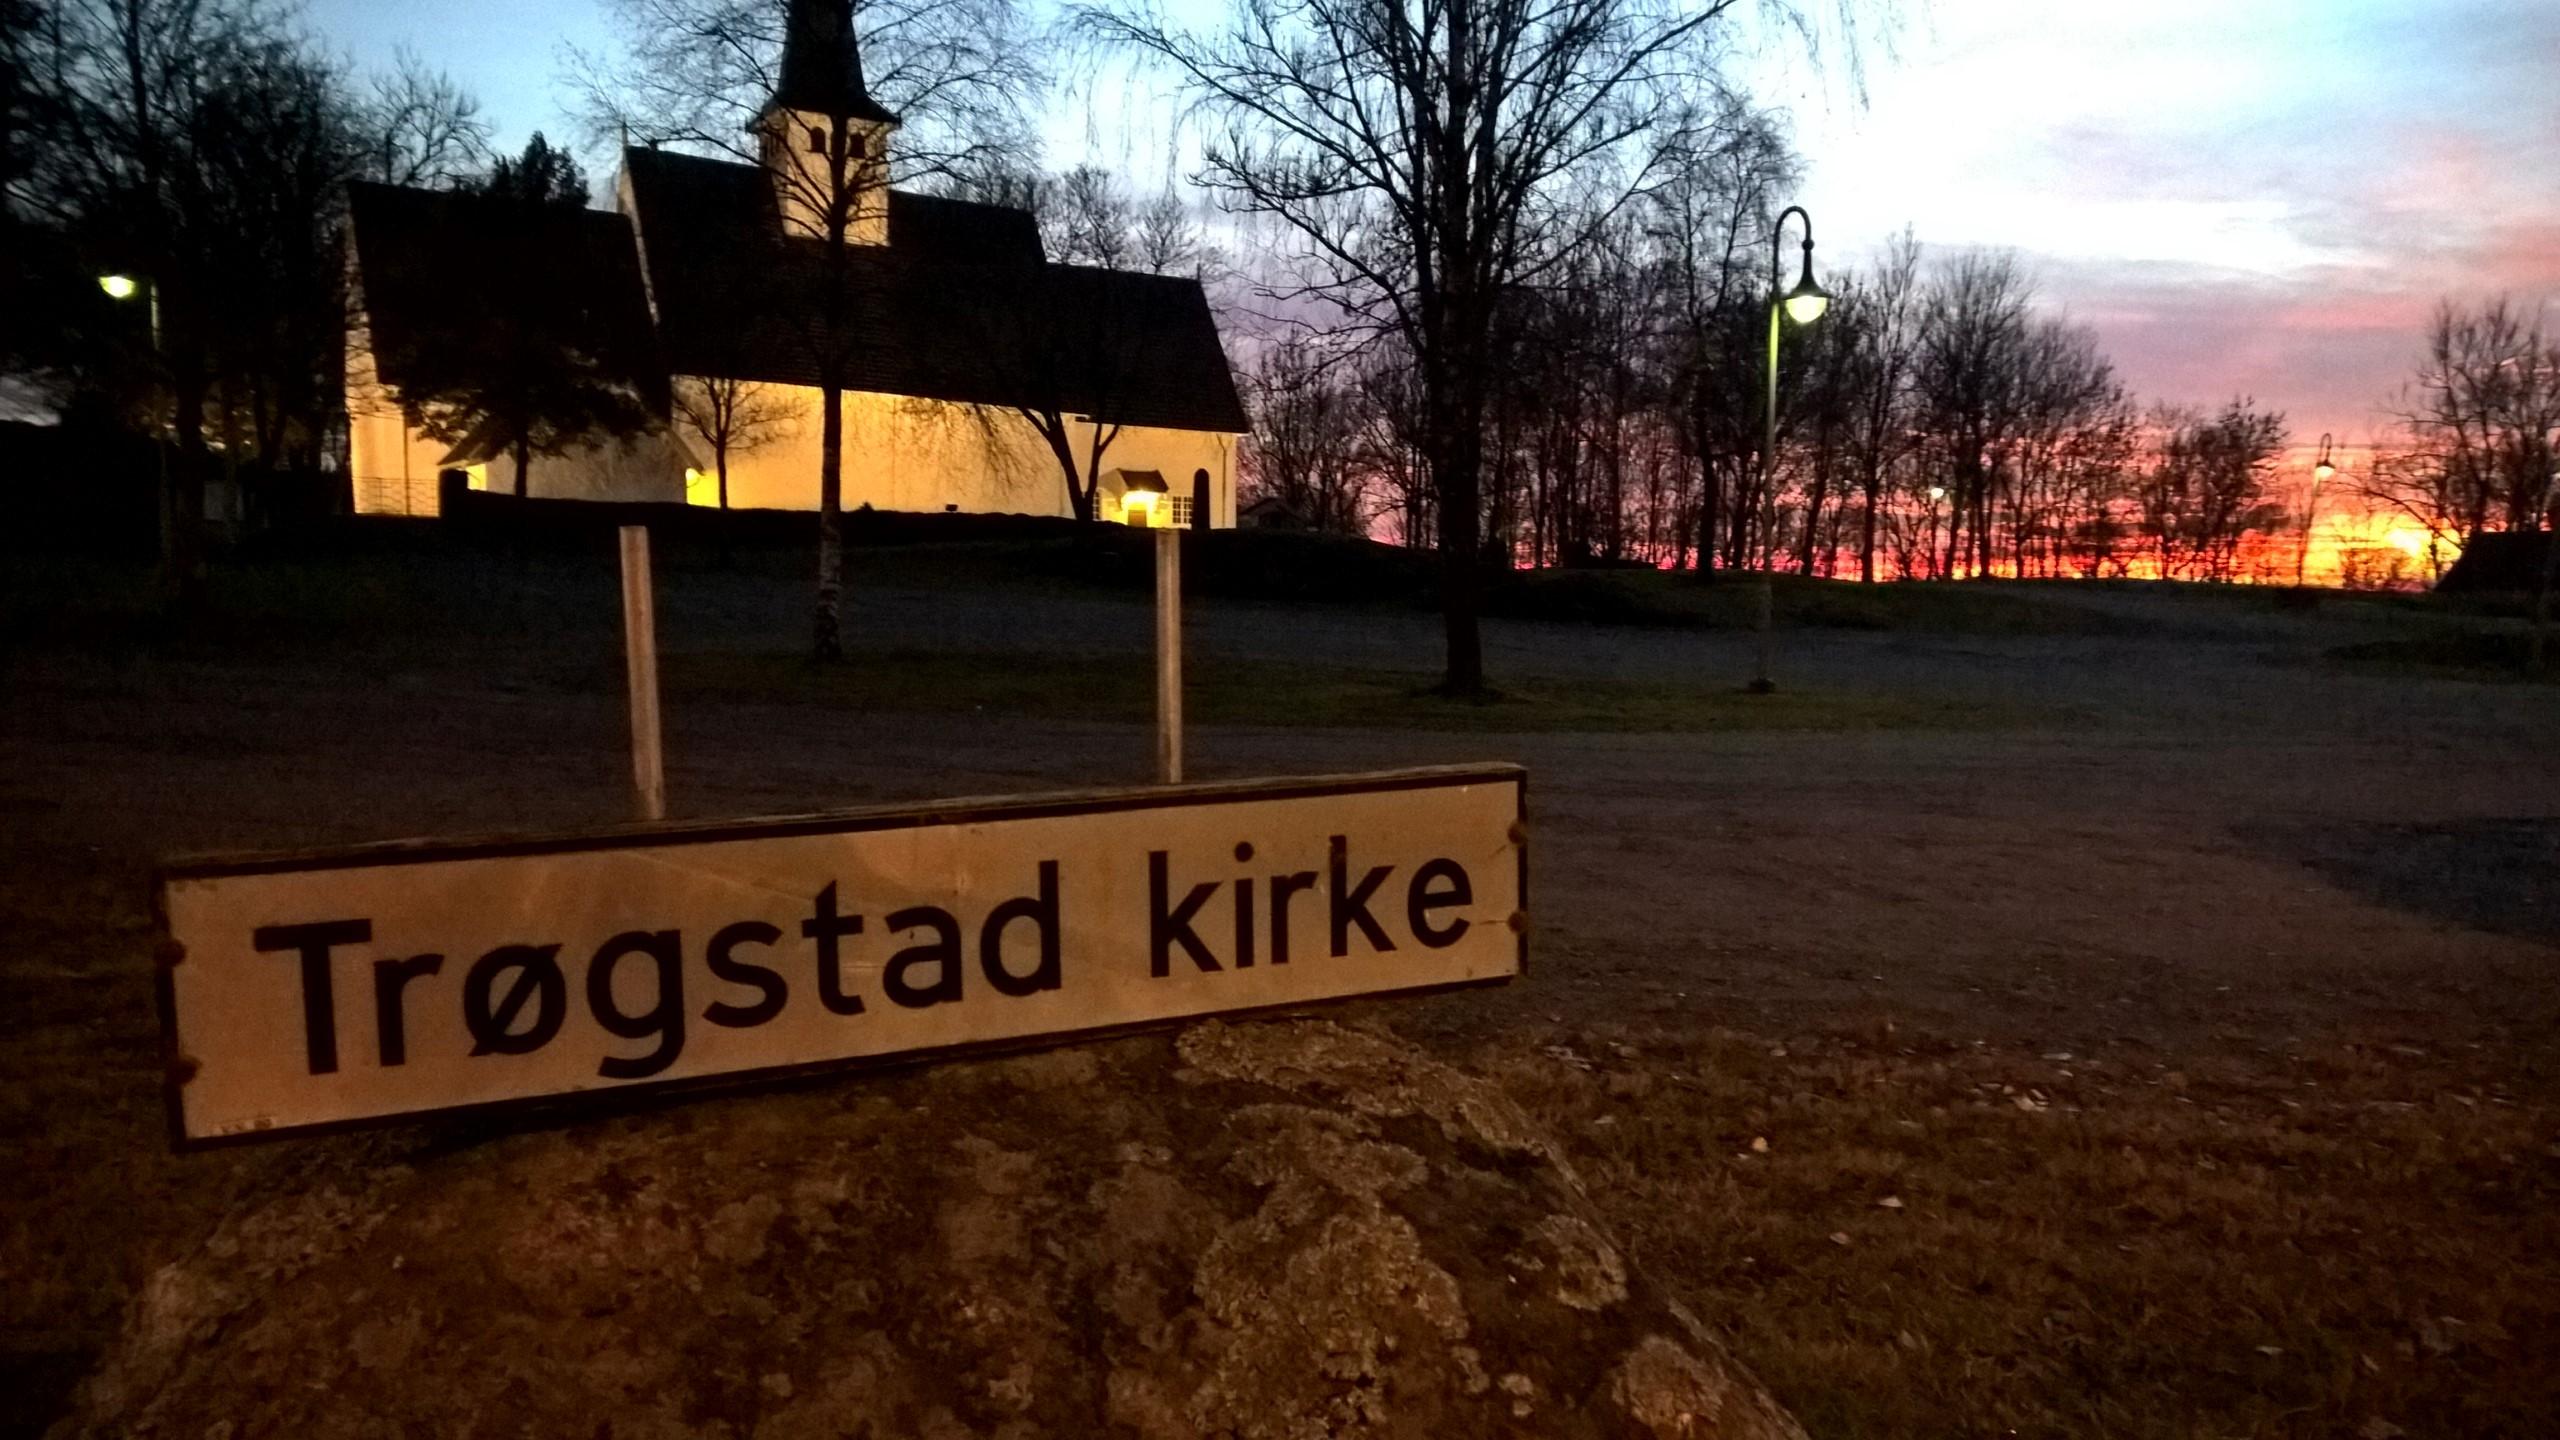 Trøgstad kirke i solnedgangen